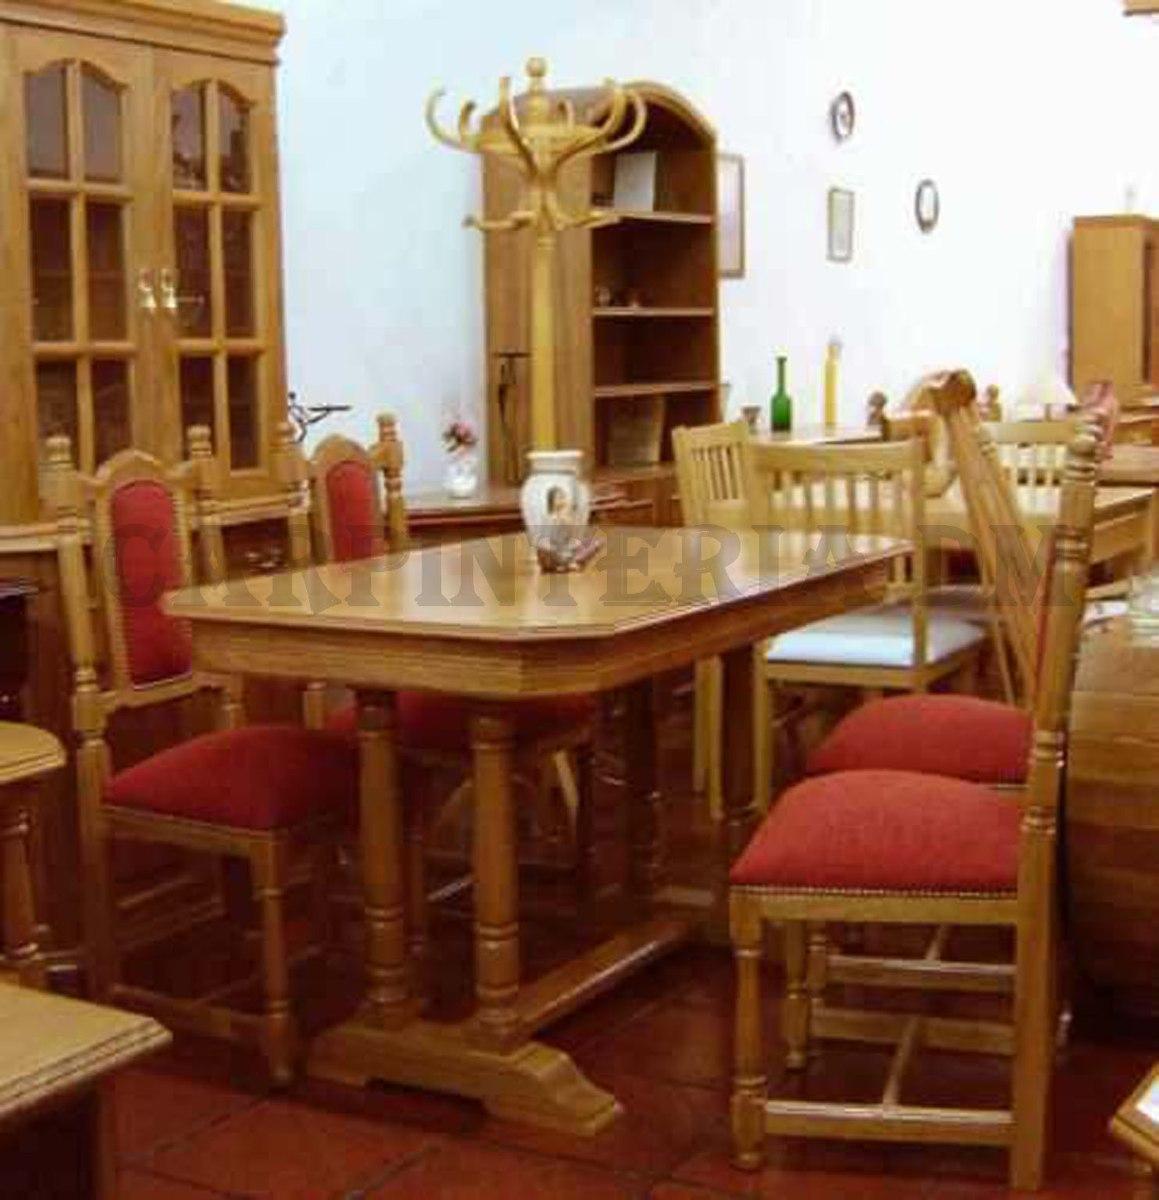 Mesa Comedor En Roble /carpinteria Dm - $ 9.595,30 en Mercado Libre